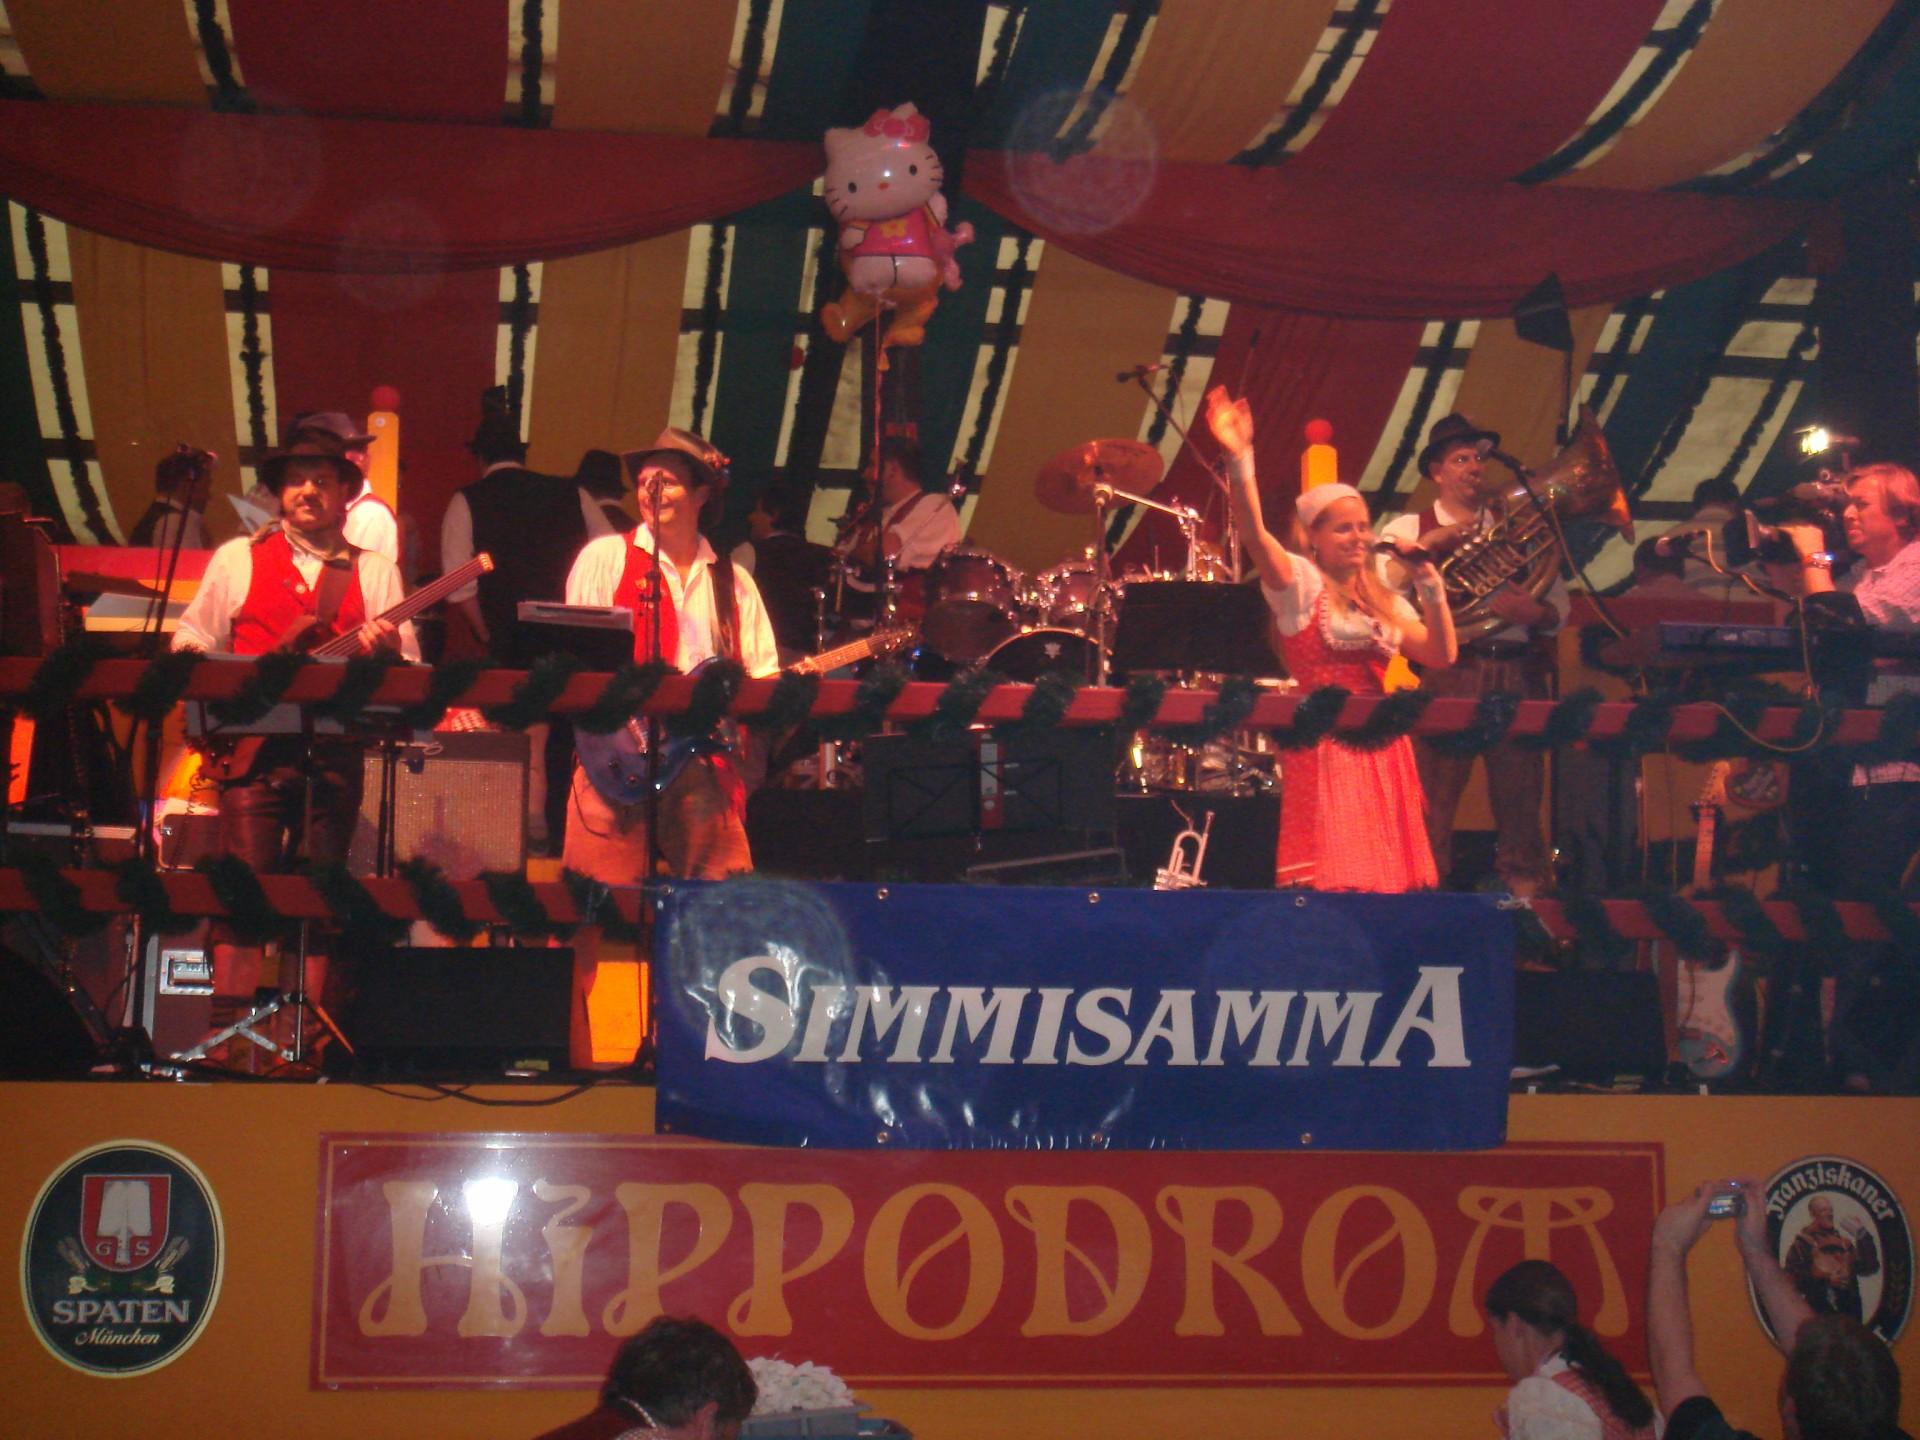 Simmisamma die Oktoberfestband – Konzert Hippodrom Oktoberfest München Deutschland 91